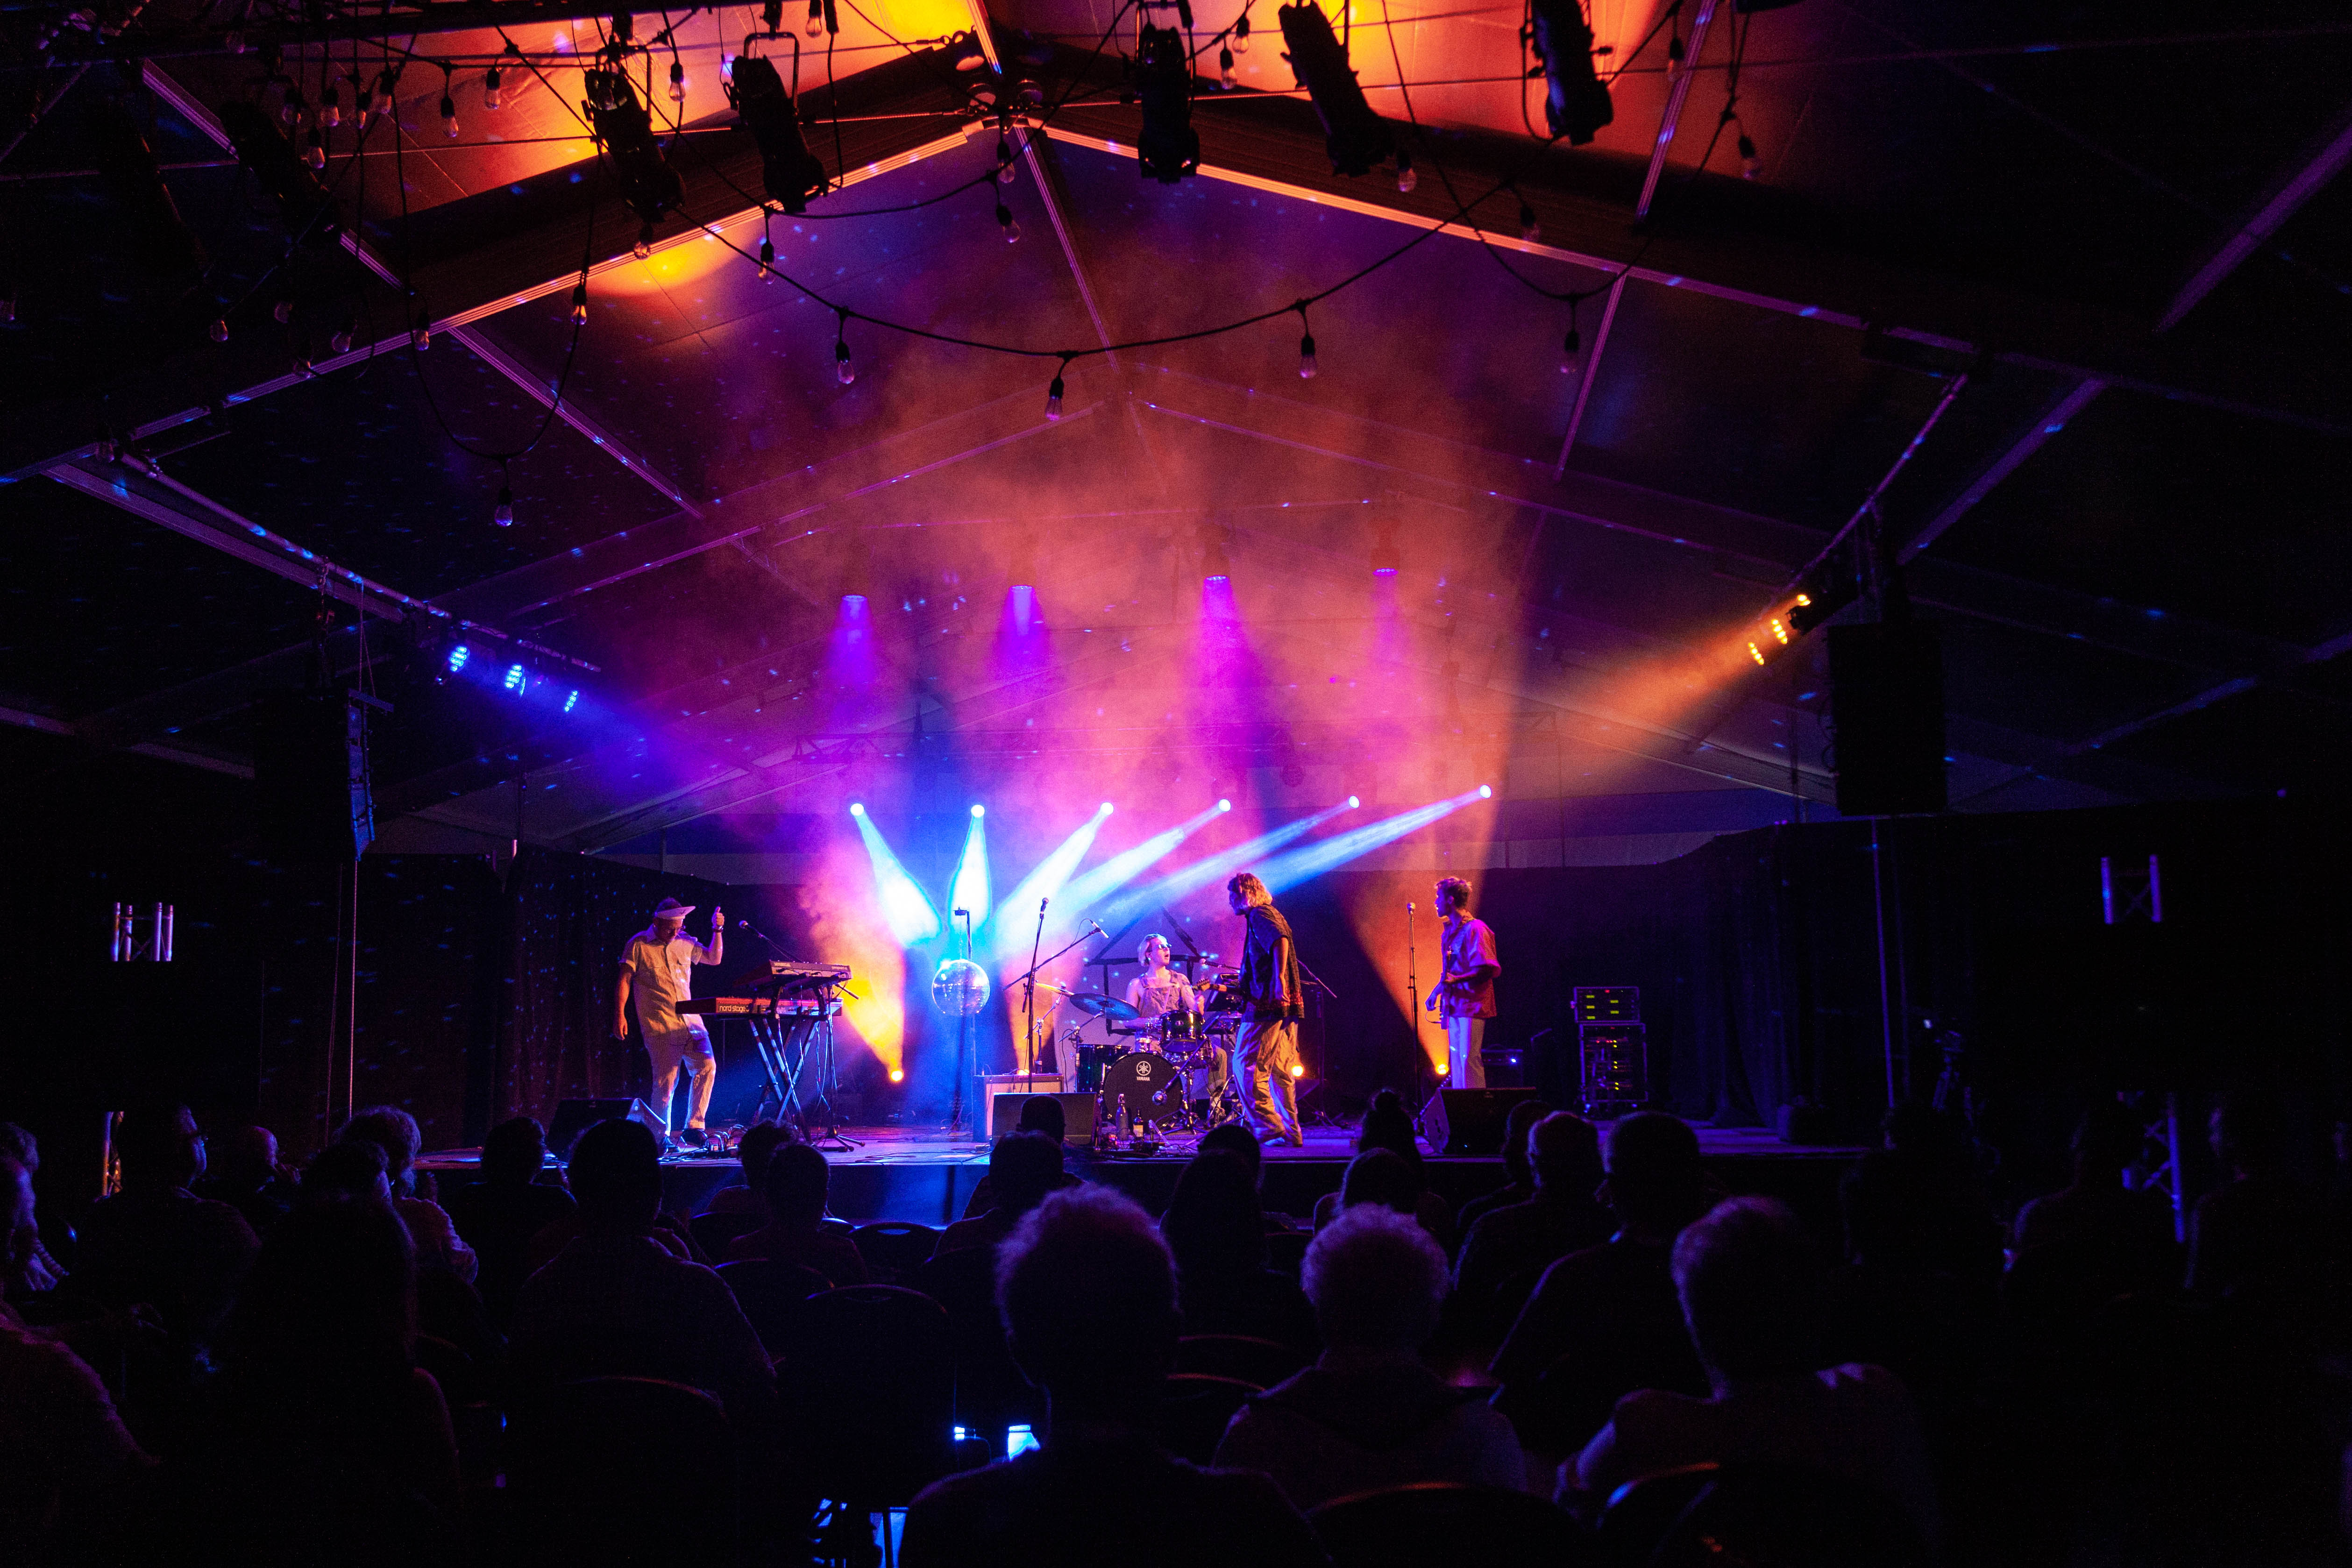 Les 5 types de festivaliers au Festival en chanson